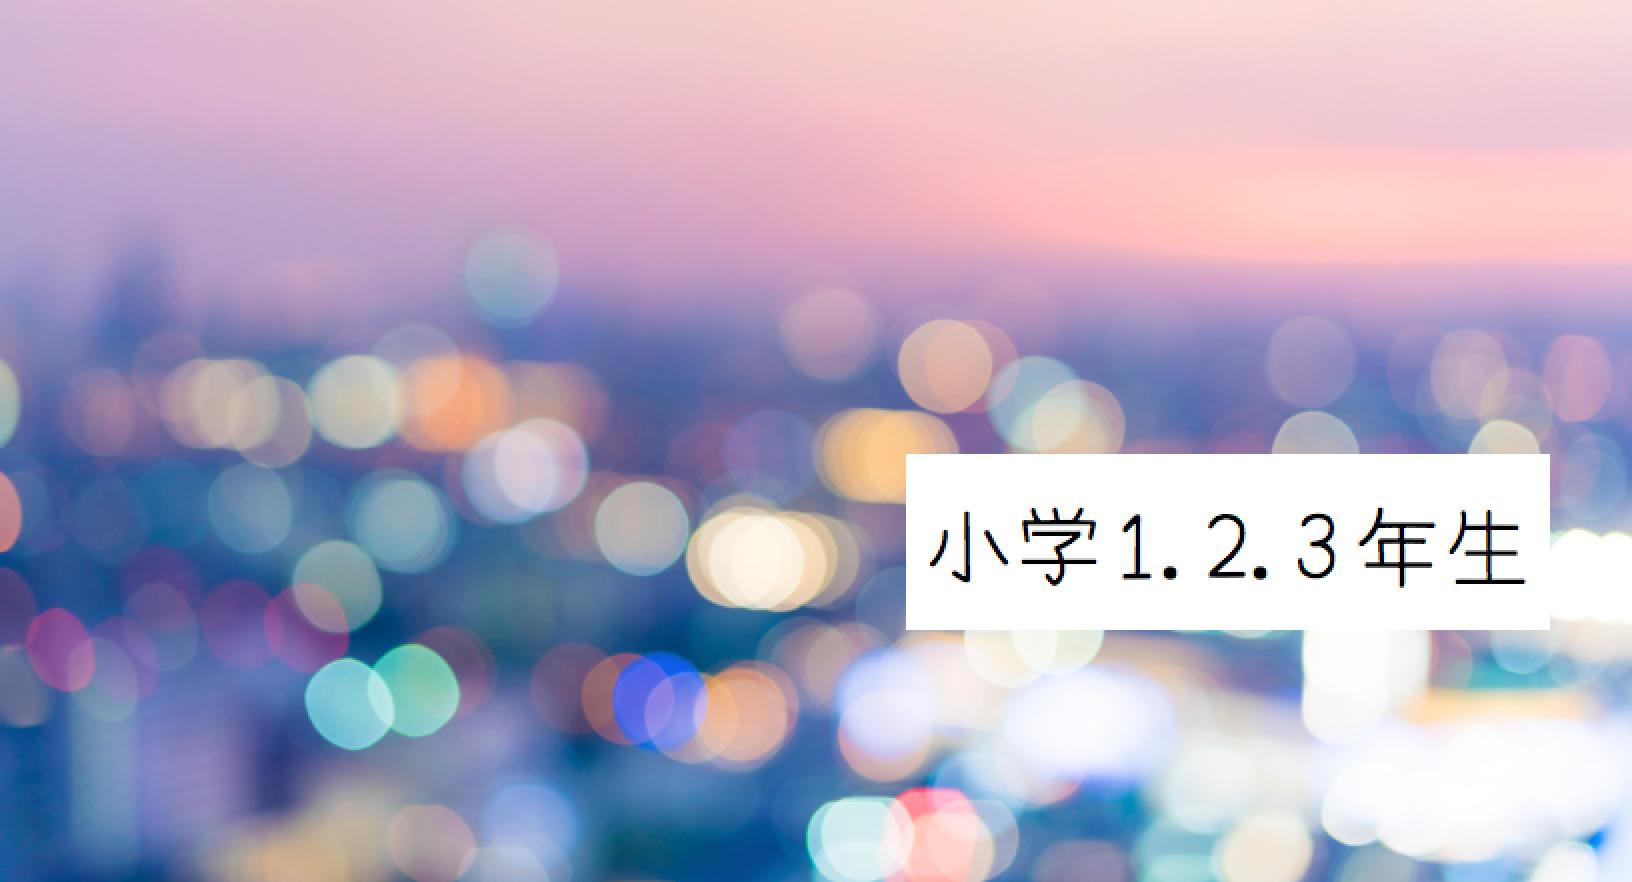 2018/4/5 新1.2.3年生